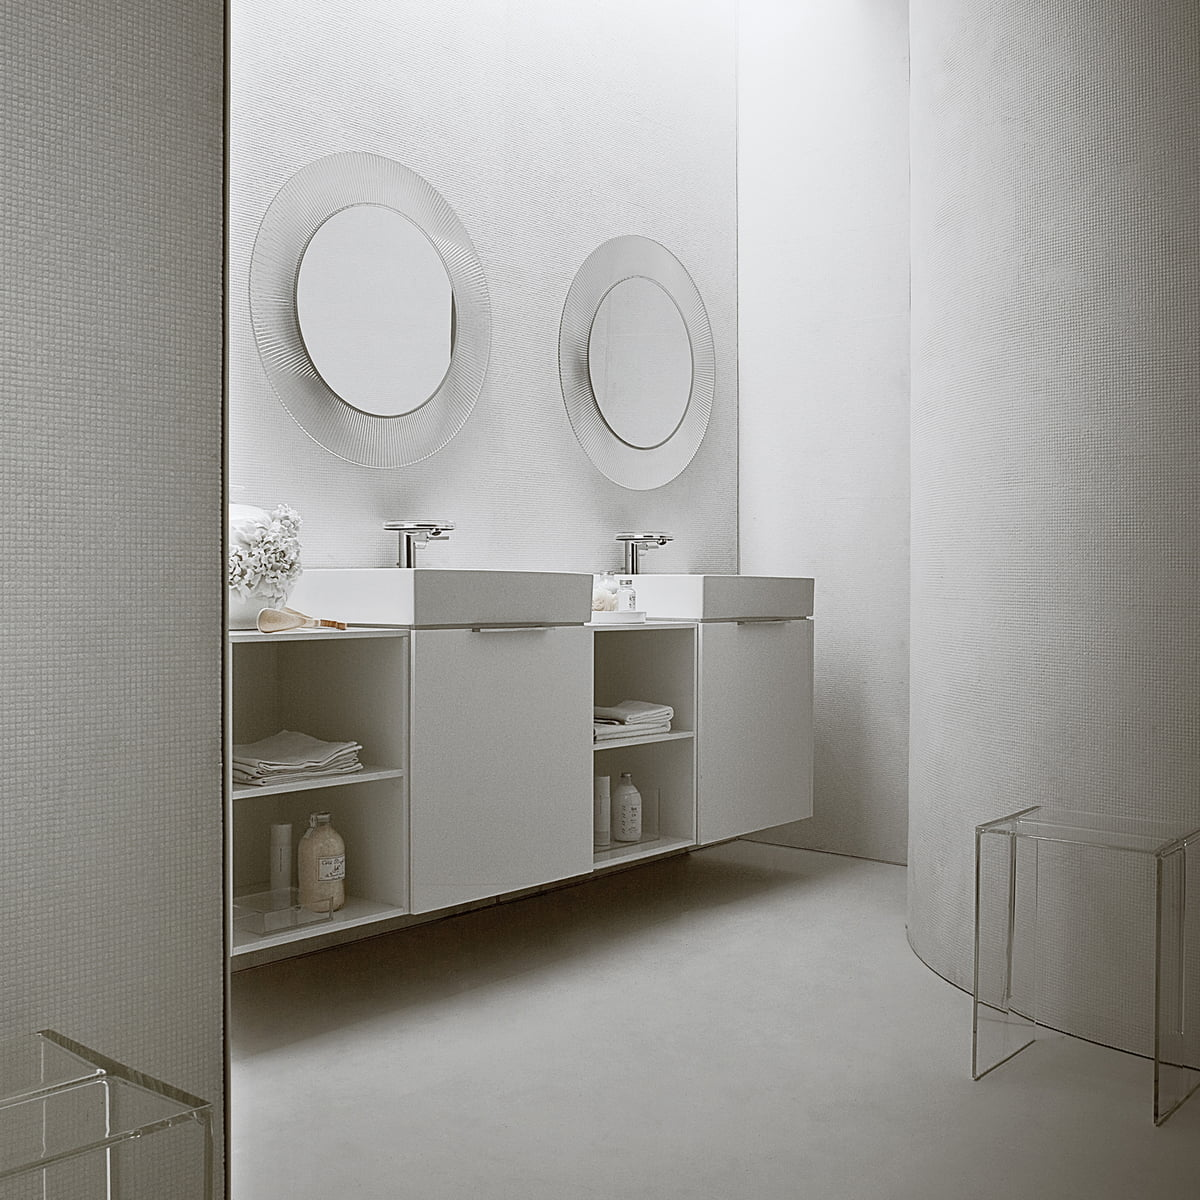 Meuble Salle De Bain Kartell ~ miroir all saints de kartell dans la boutique